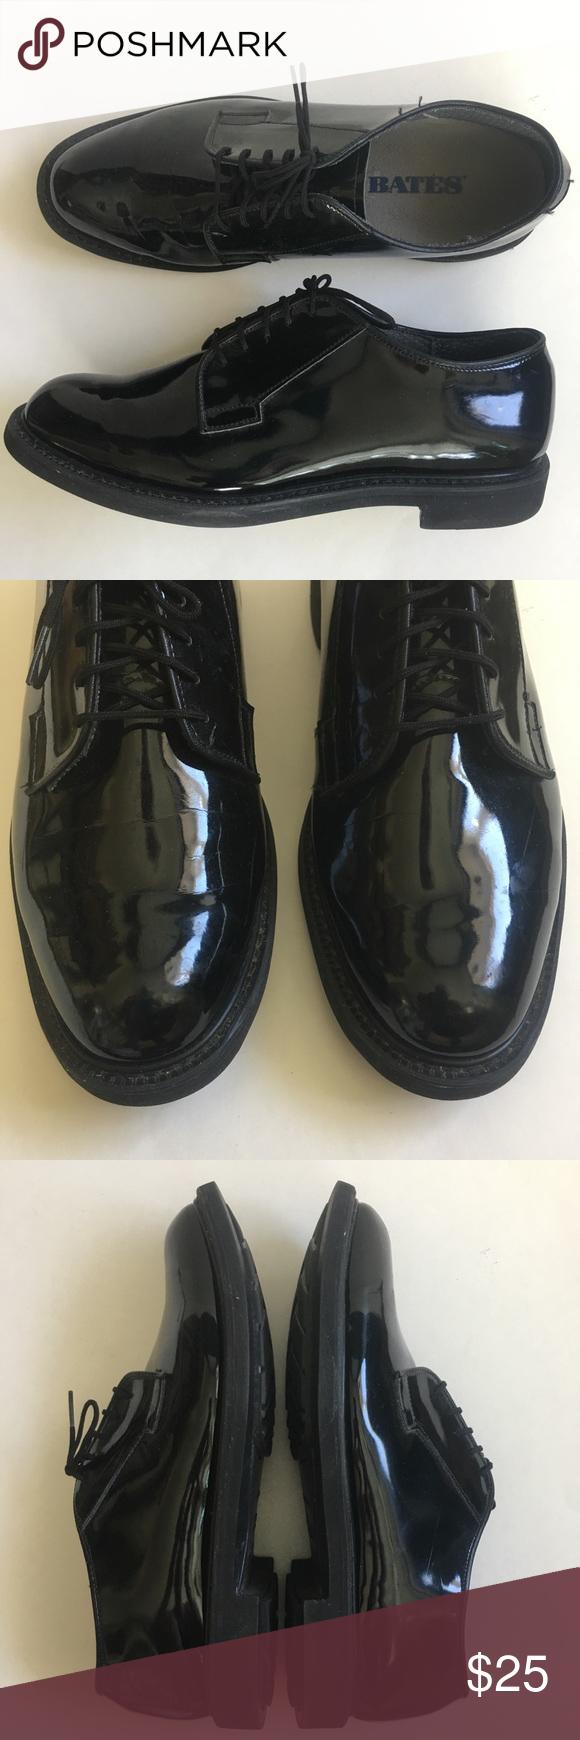 Bates Black Patent Leather Dress Shoes Bates Mens Size 9 D Black Patent Leather Dress Shoes Unif Patent Leather Dress Shoes Black Patent Leather Patent Leather [ 1740 x 580 Pixel ]